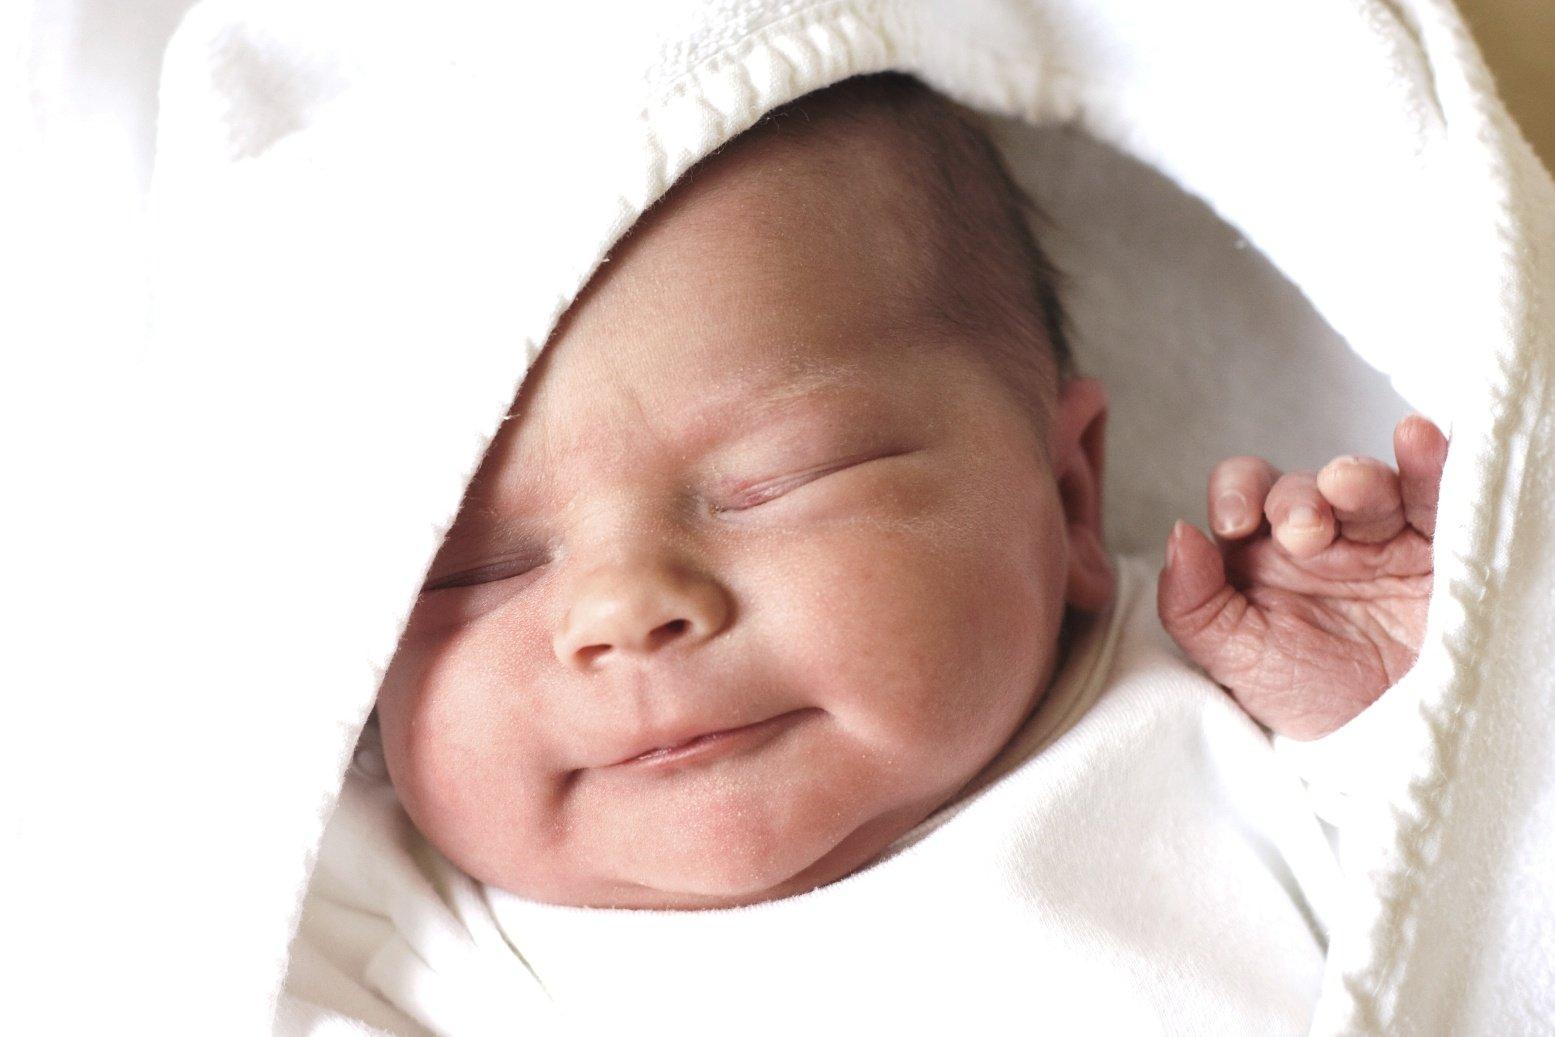 Линекс для новорождённых: безопасность и эффективность